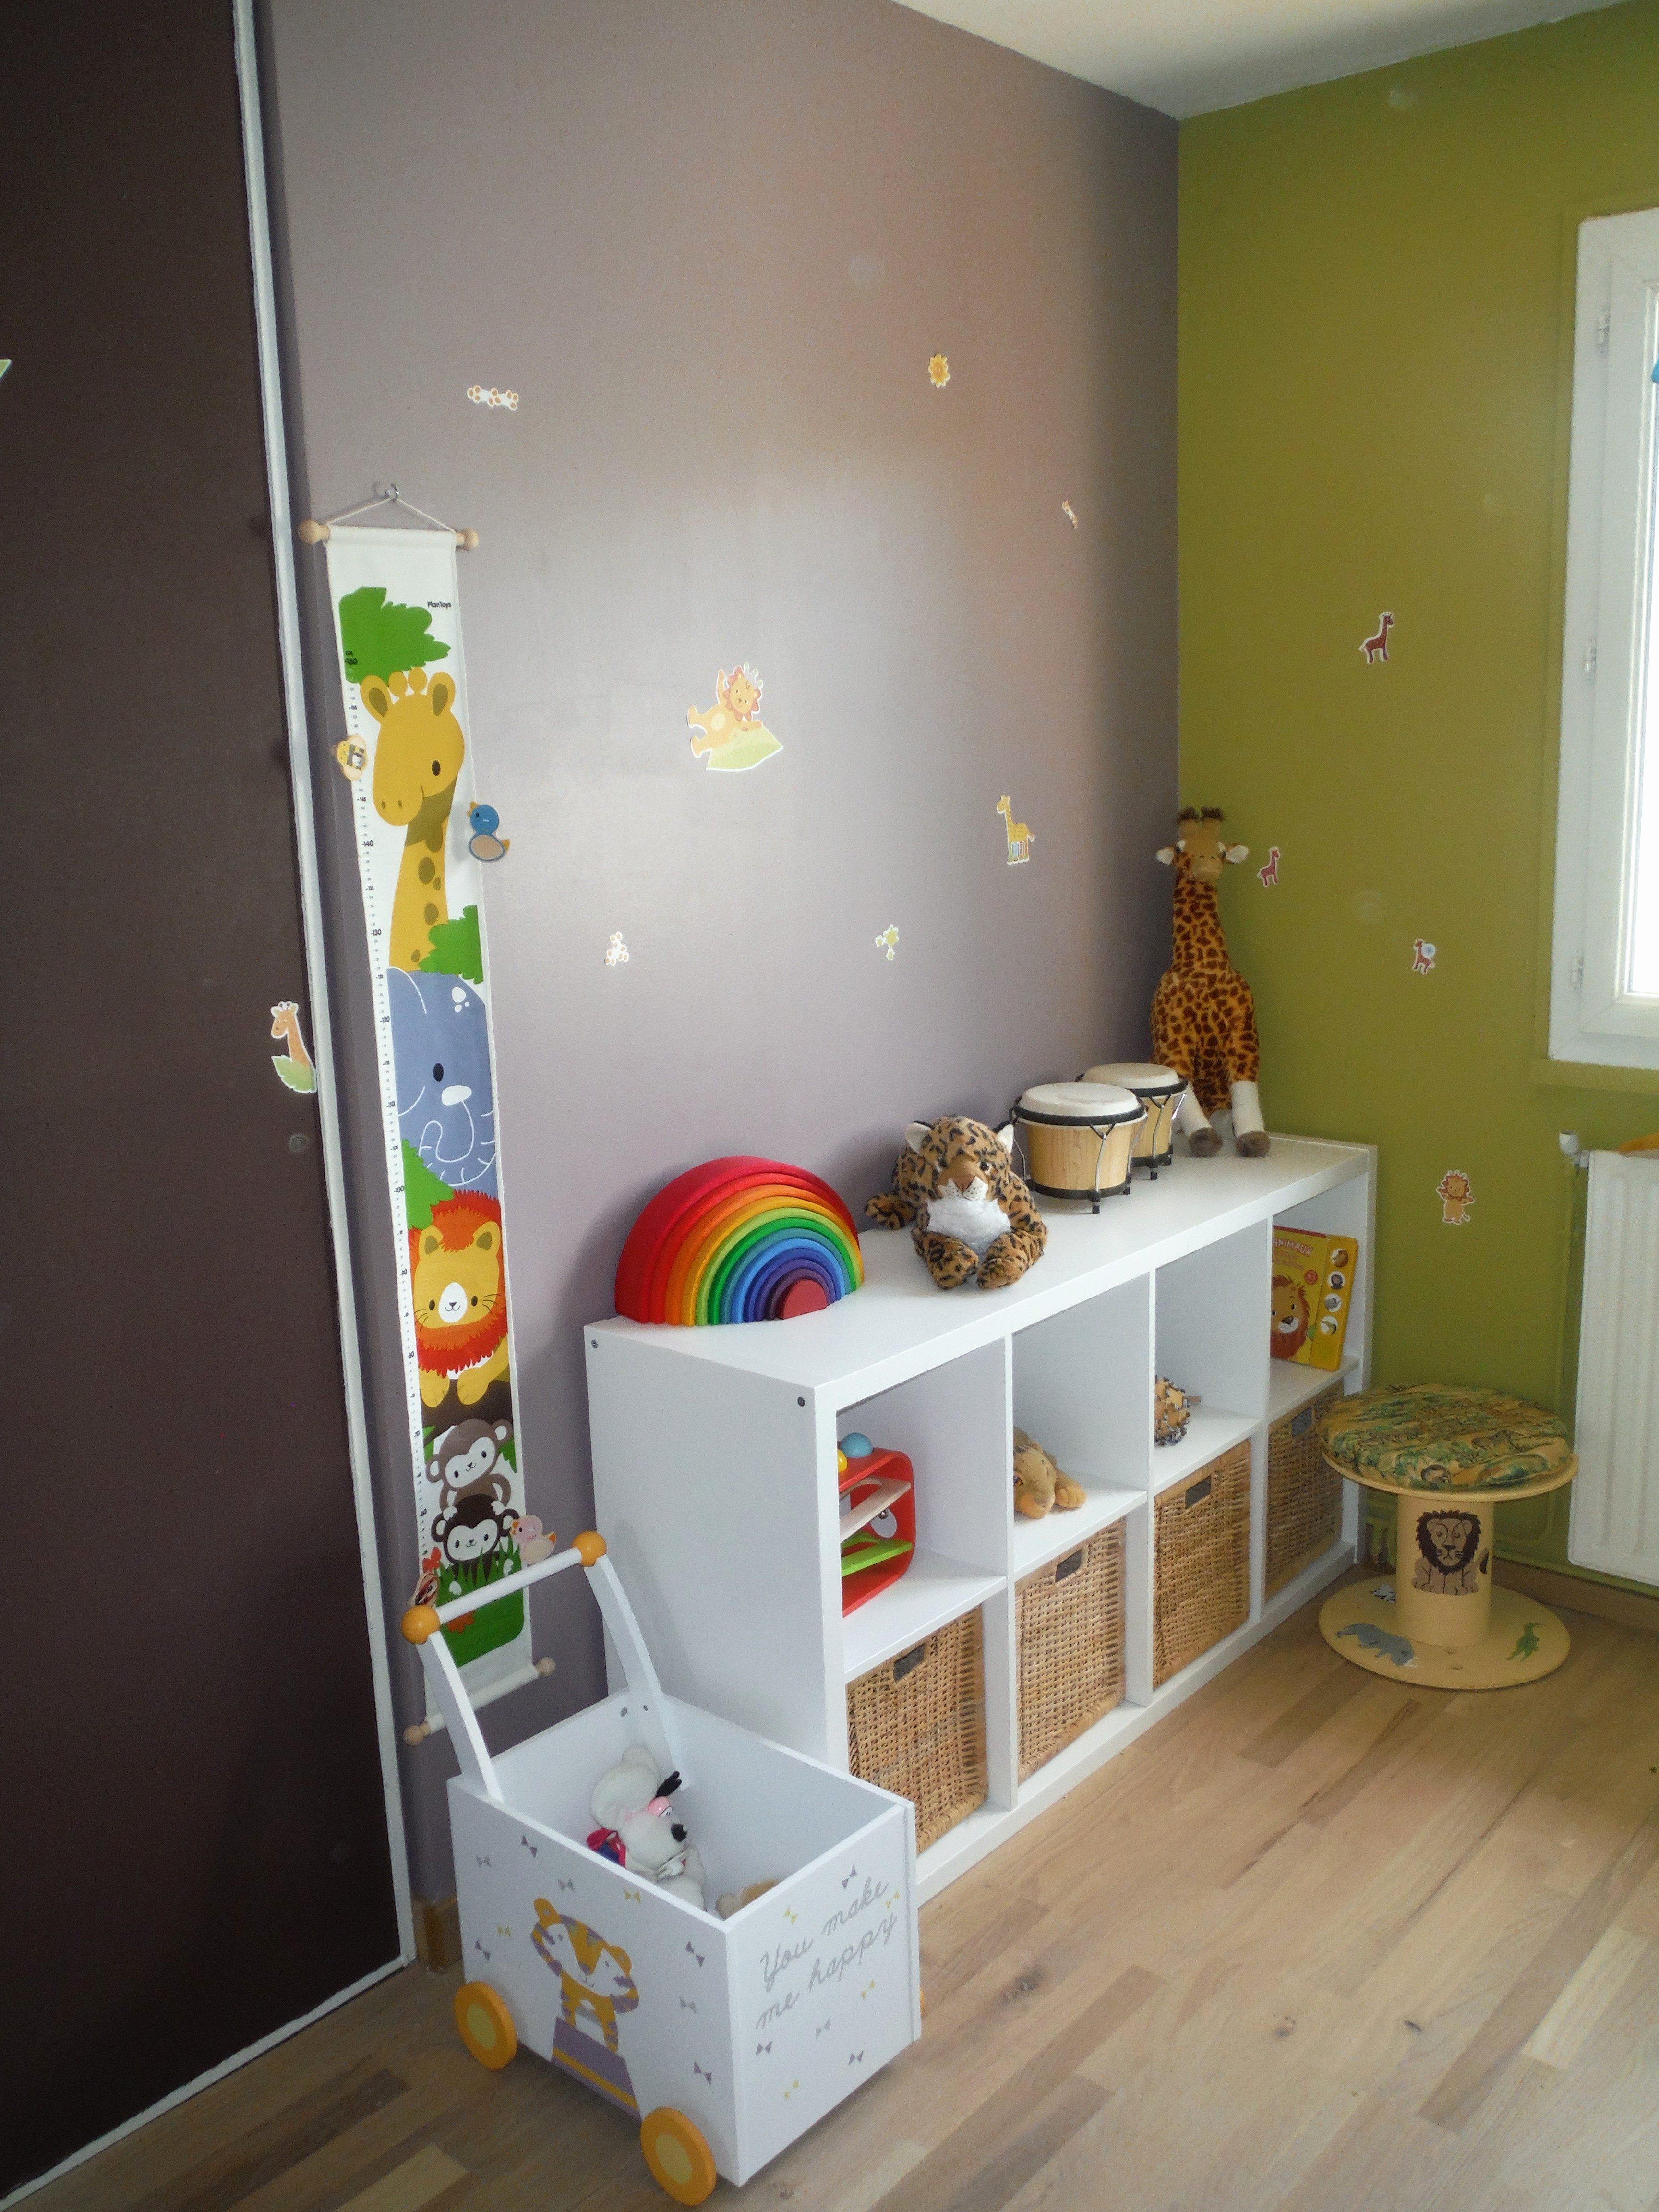 Meilleur Lit Bébé Unique Tapis Bébé Fille Meilleur De Bébé Fille Inspirant Graphie Parc B C3